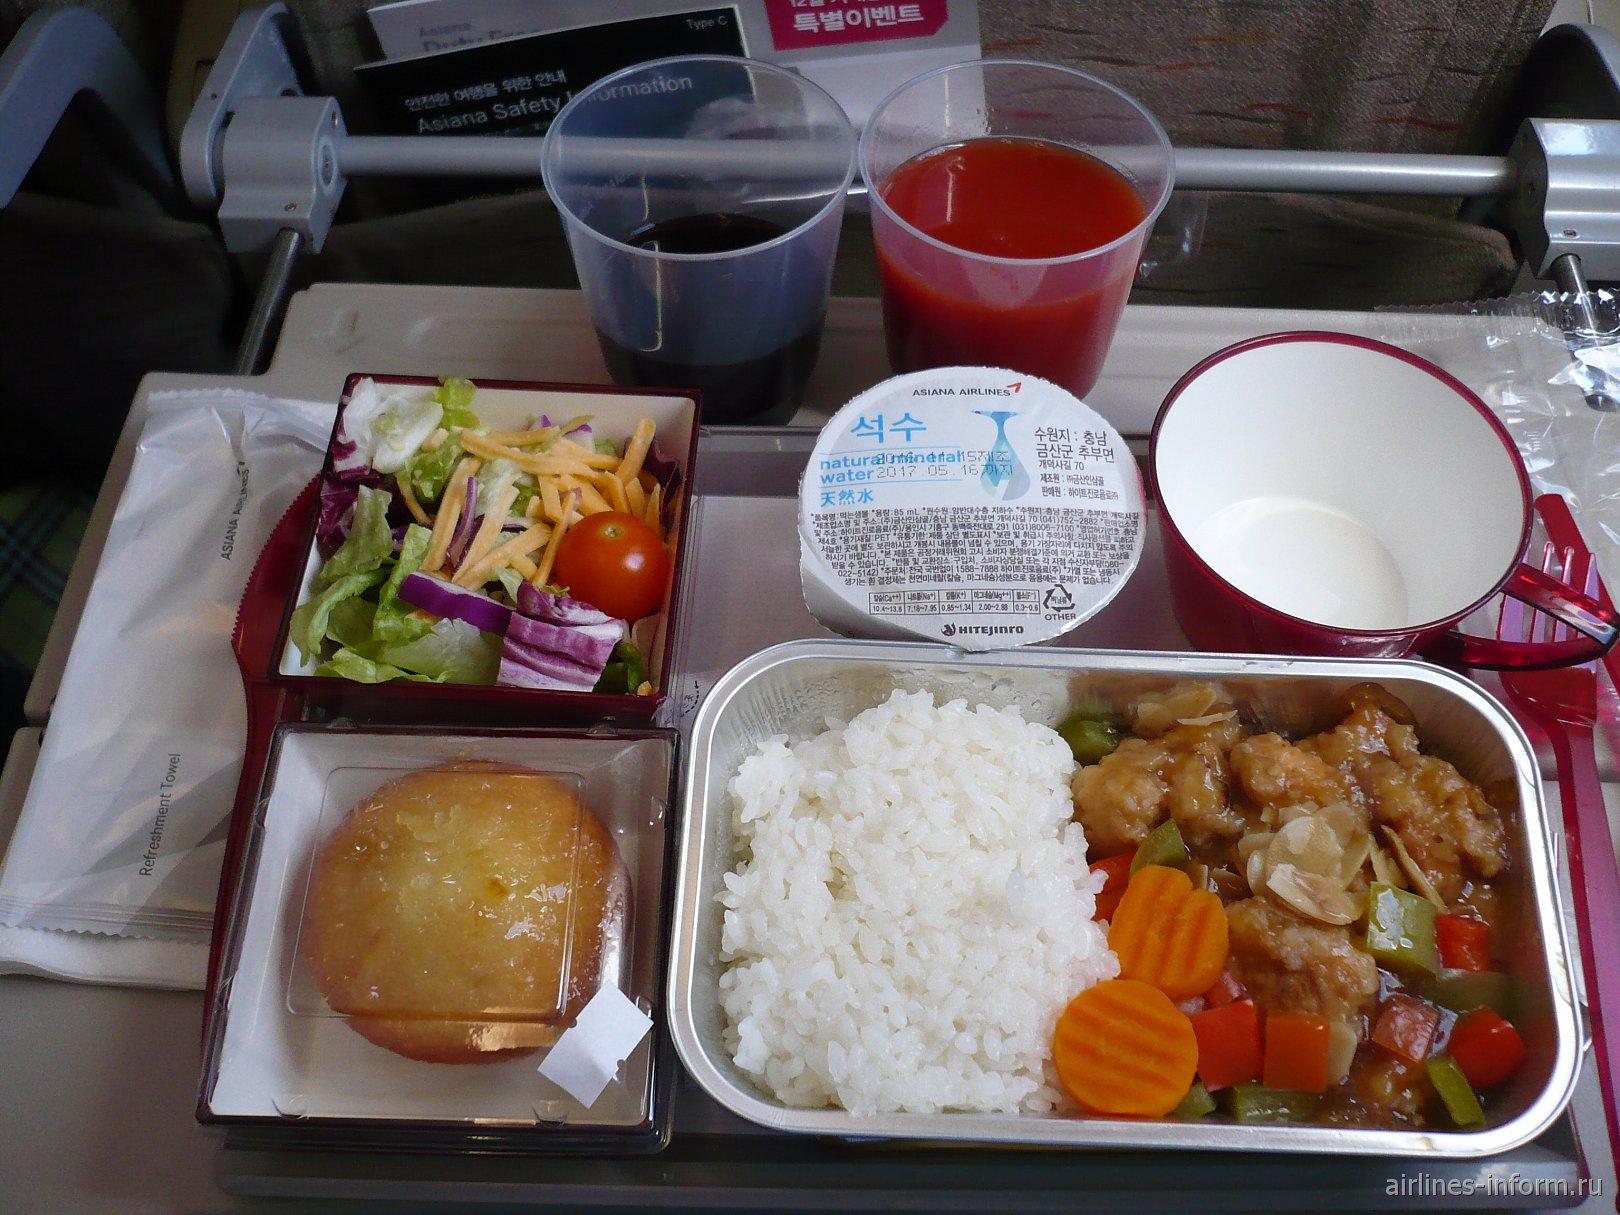 Из горячего было предложено: рис с курицей (сто я и выбрал) и начиональная ким-чи с рисом и прочими корейскими